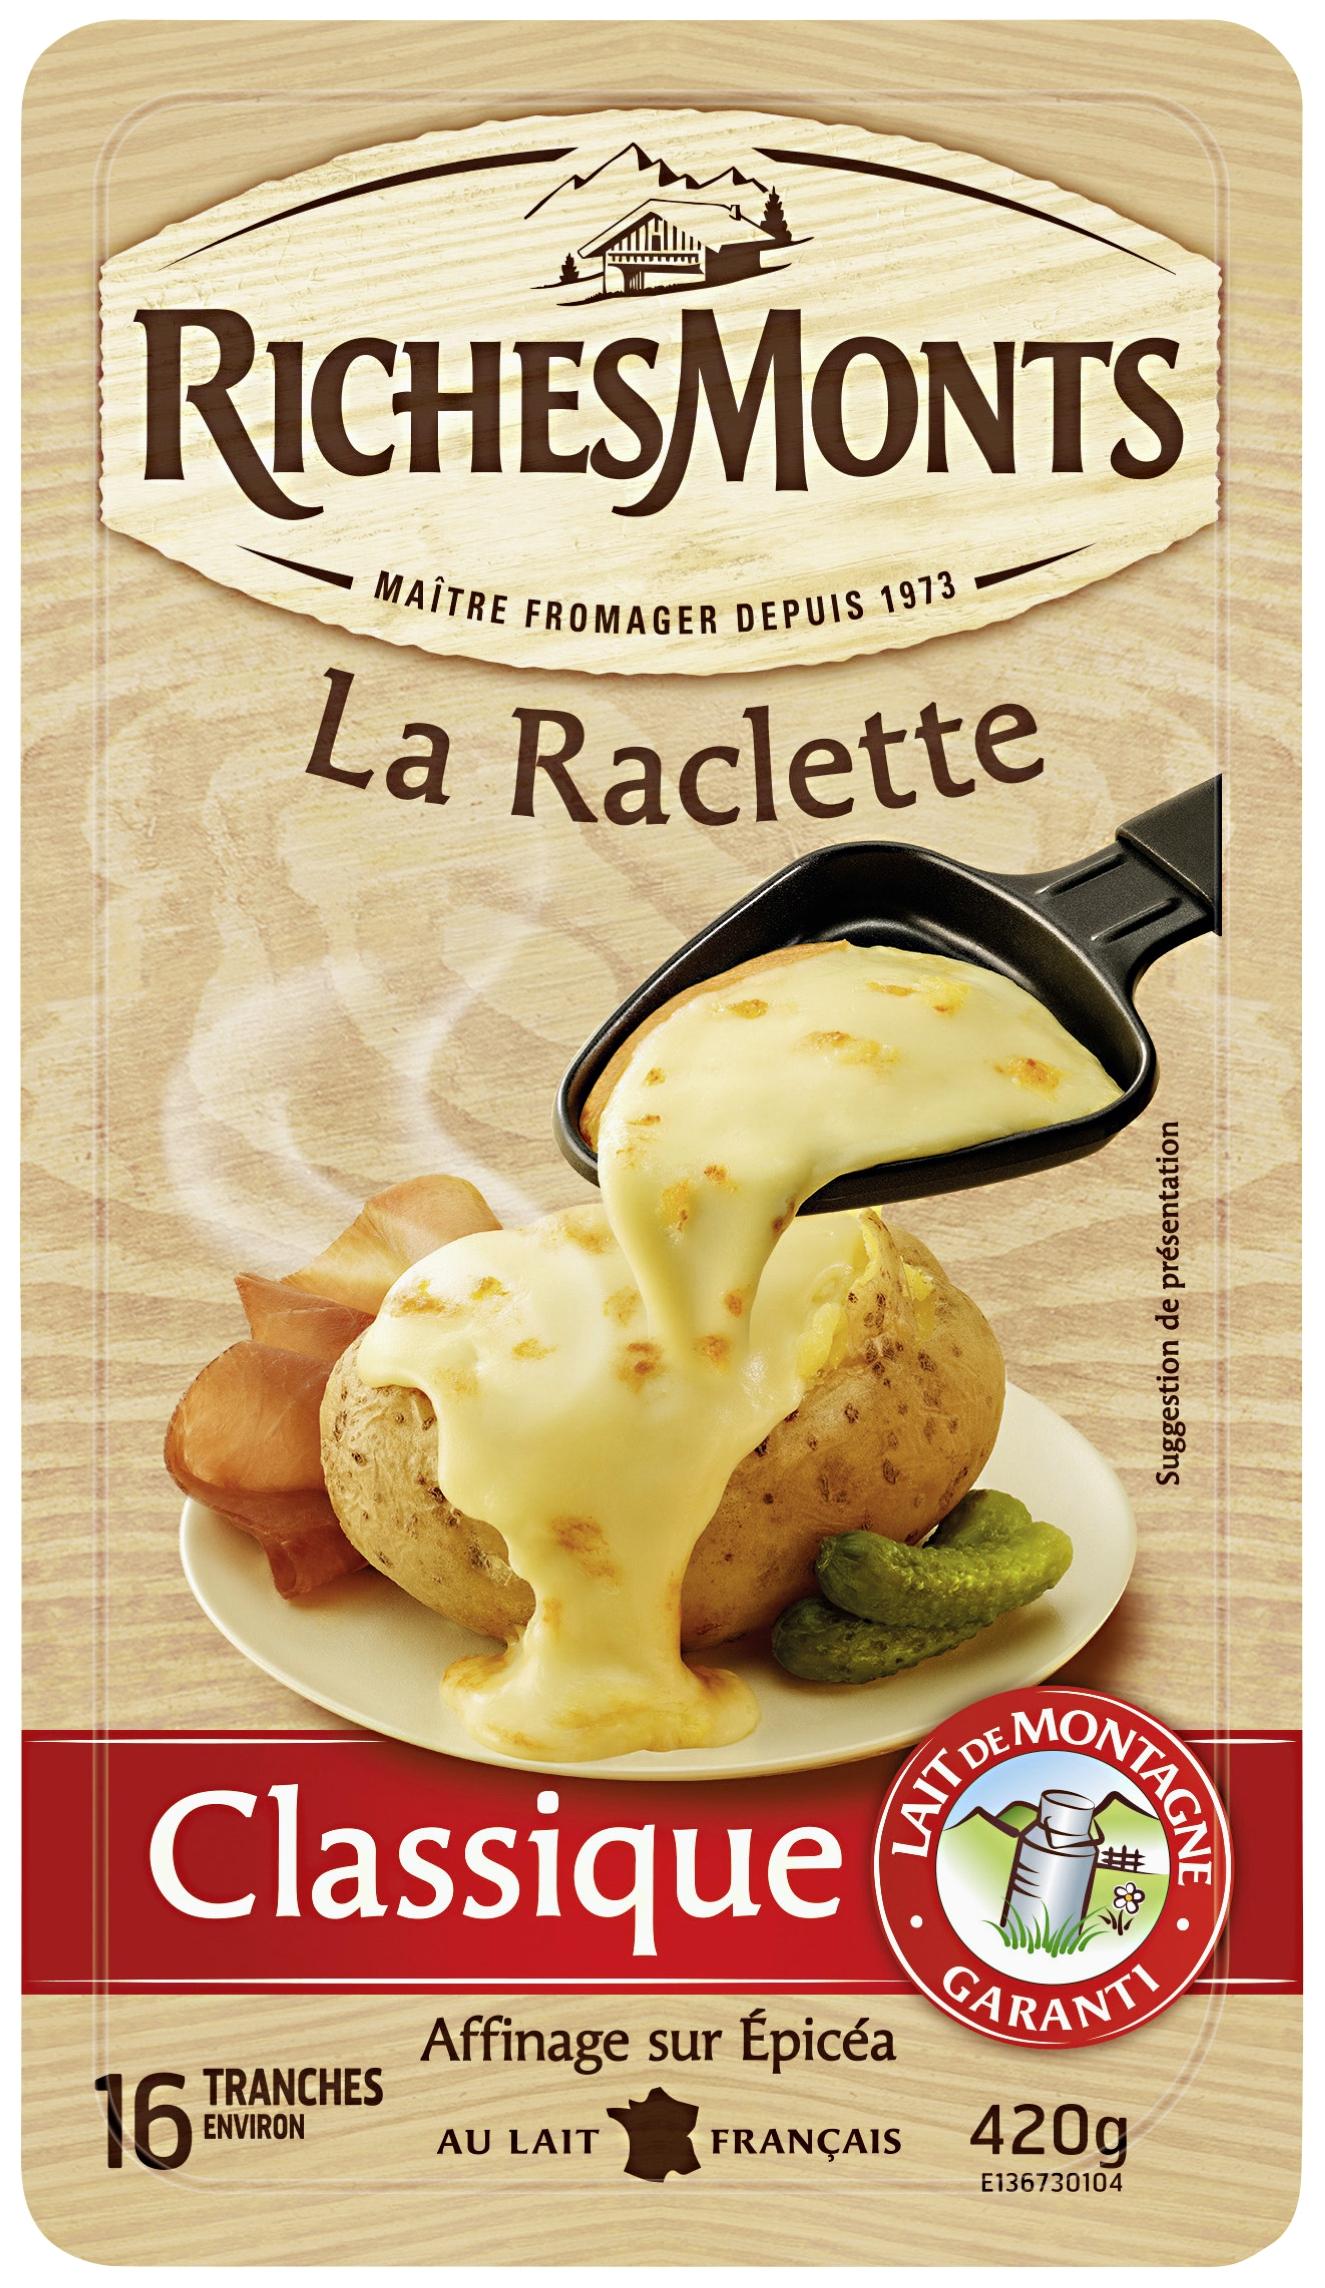 3 Barquettes de fromage à raclette Richemont - 3x420 g (via 2.2€ sur la carte fidélité)